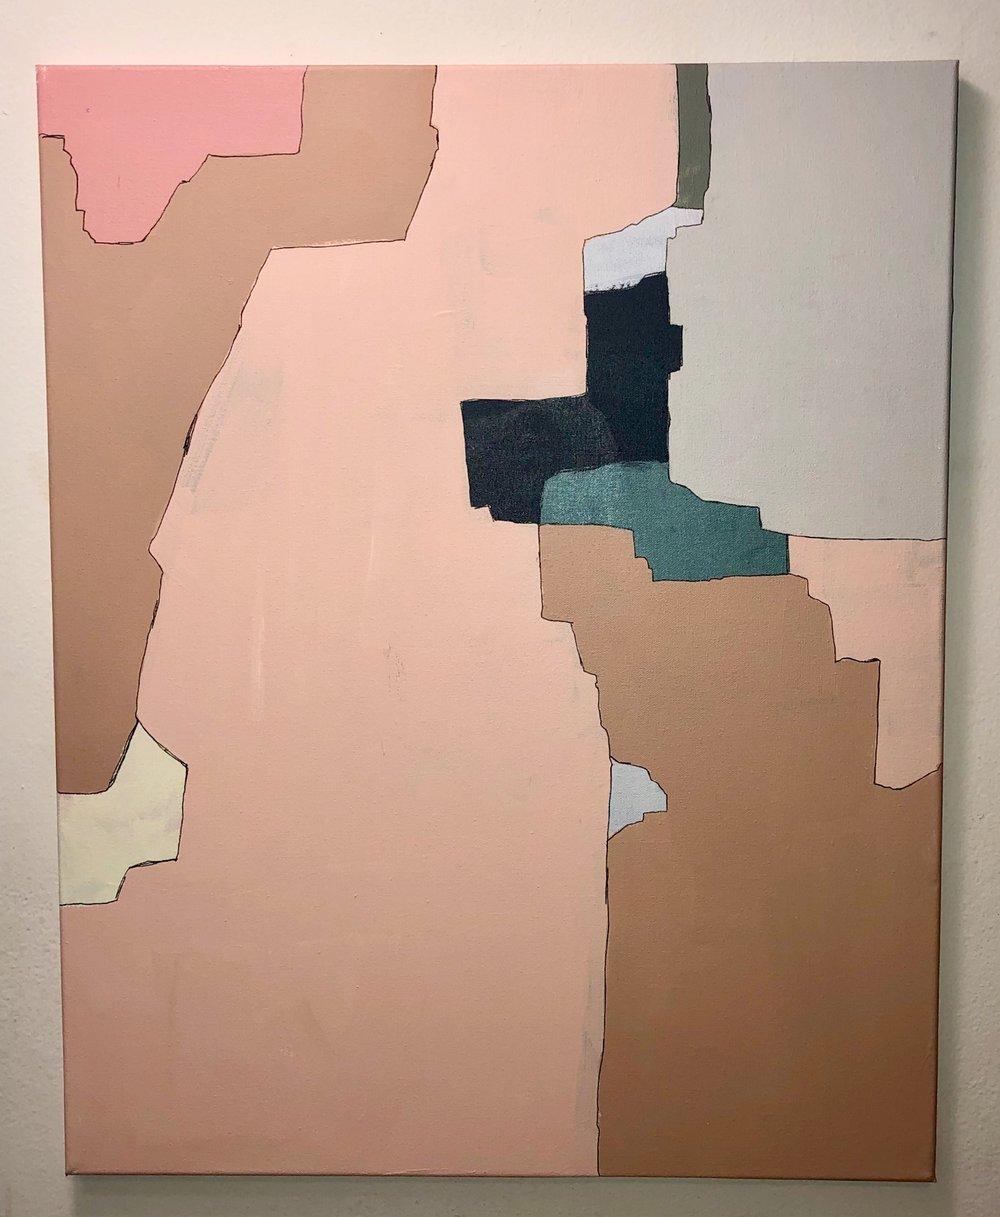 """Divided, 2018  Acrylic on canvas, 24"""" x 30""""  $275"""